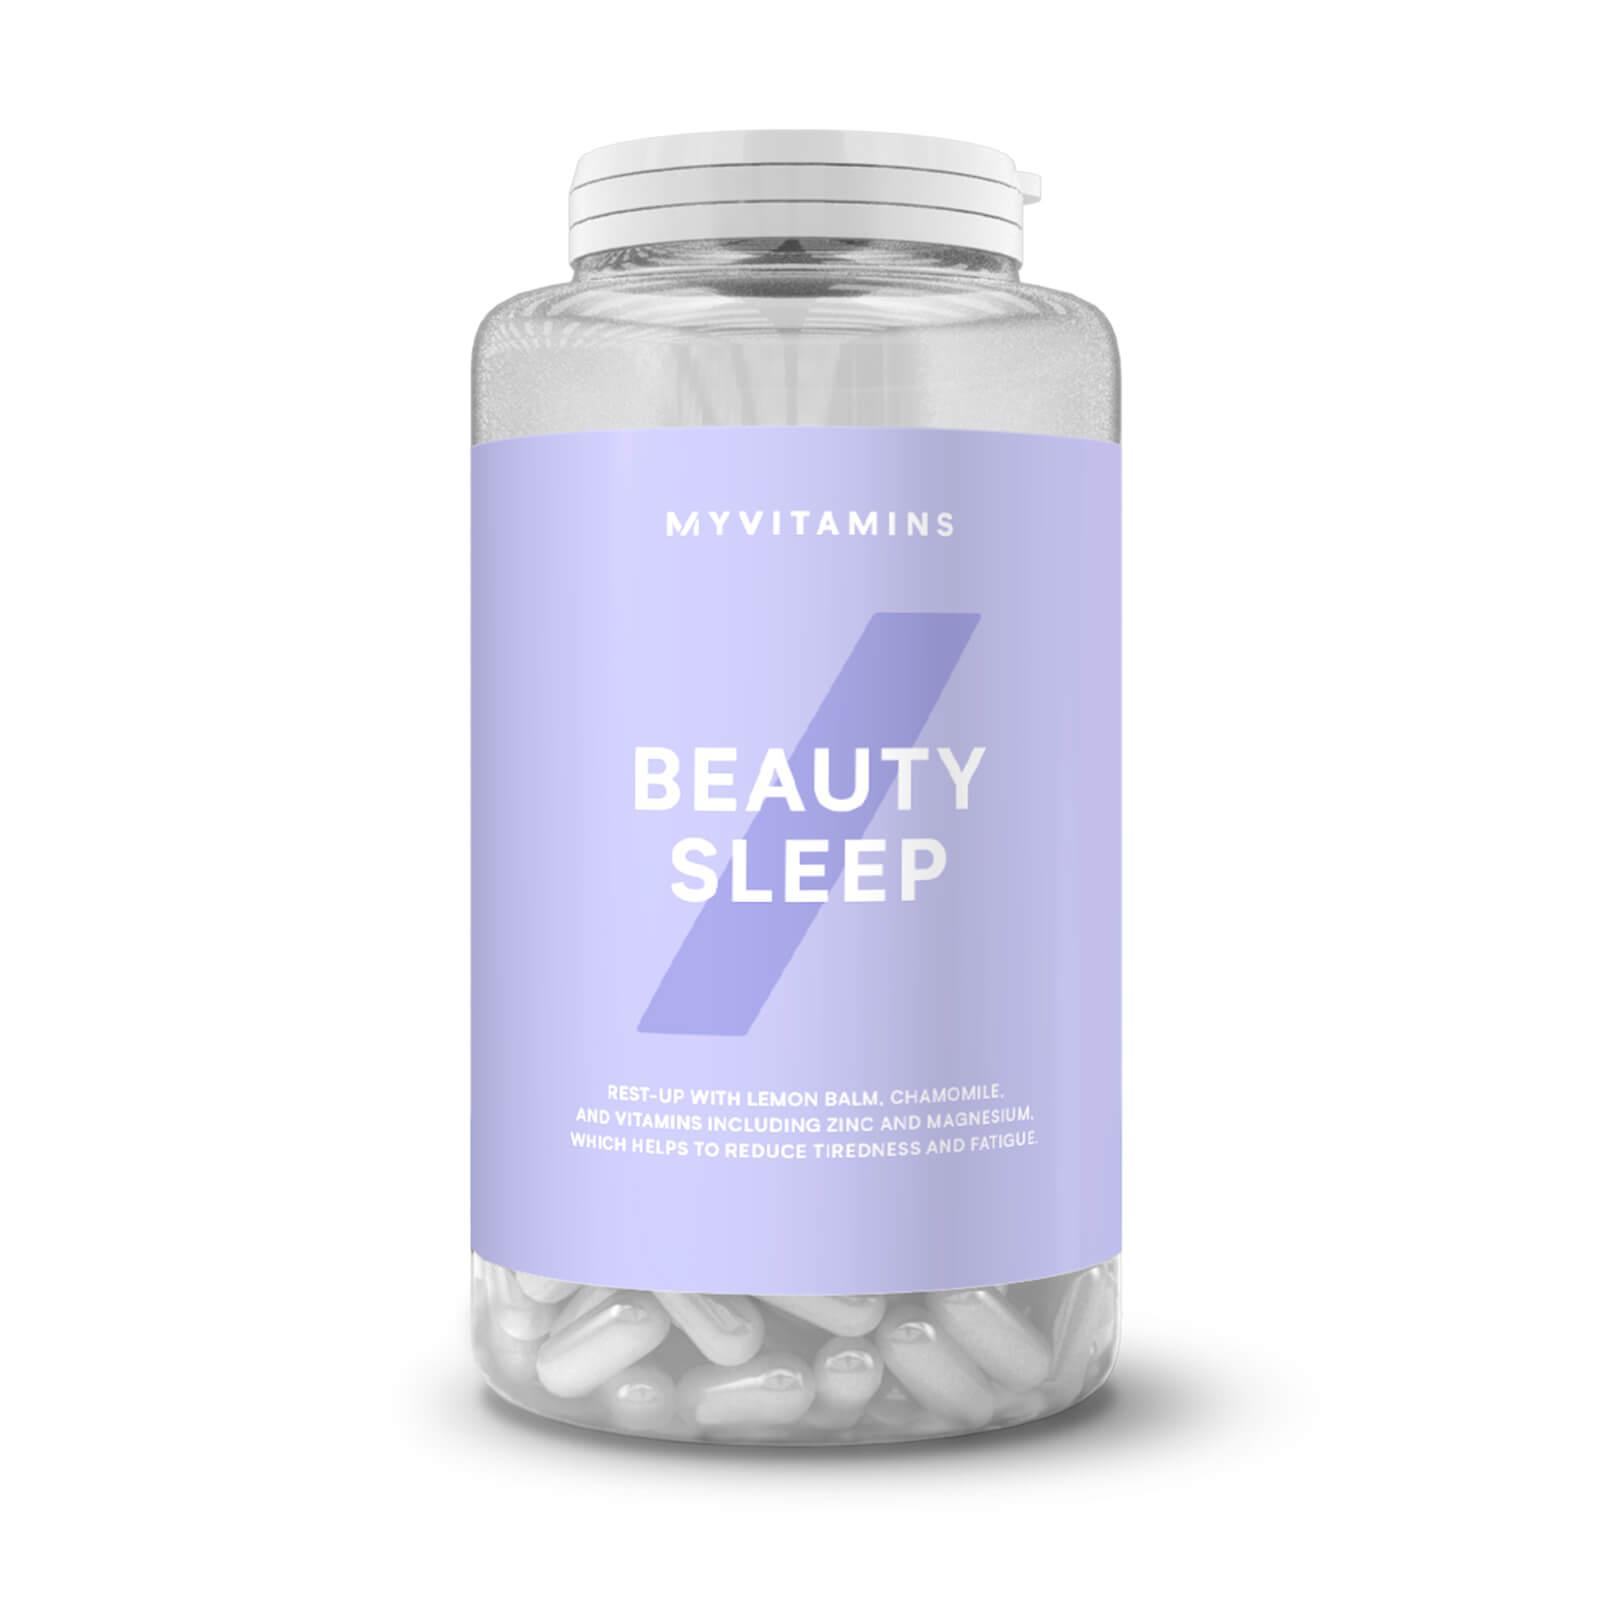 beauty sleep | stress & sleep | myvitamins